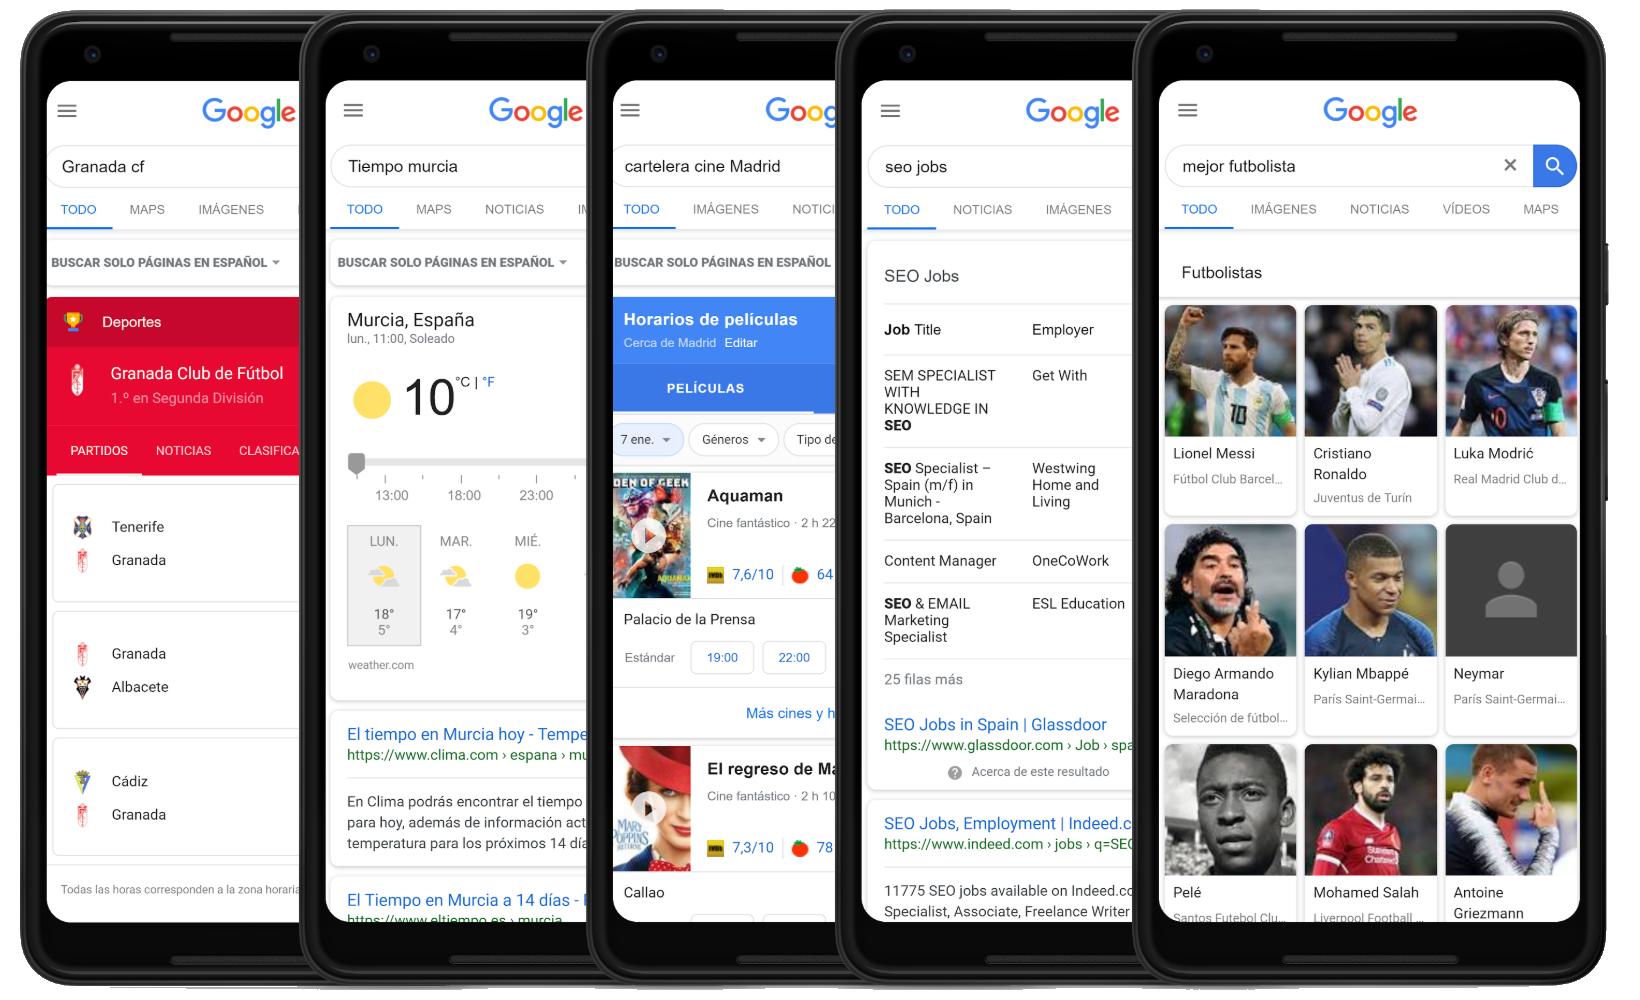 Diferentes ejemplos de búsquedas en Mobile en google.es